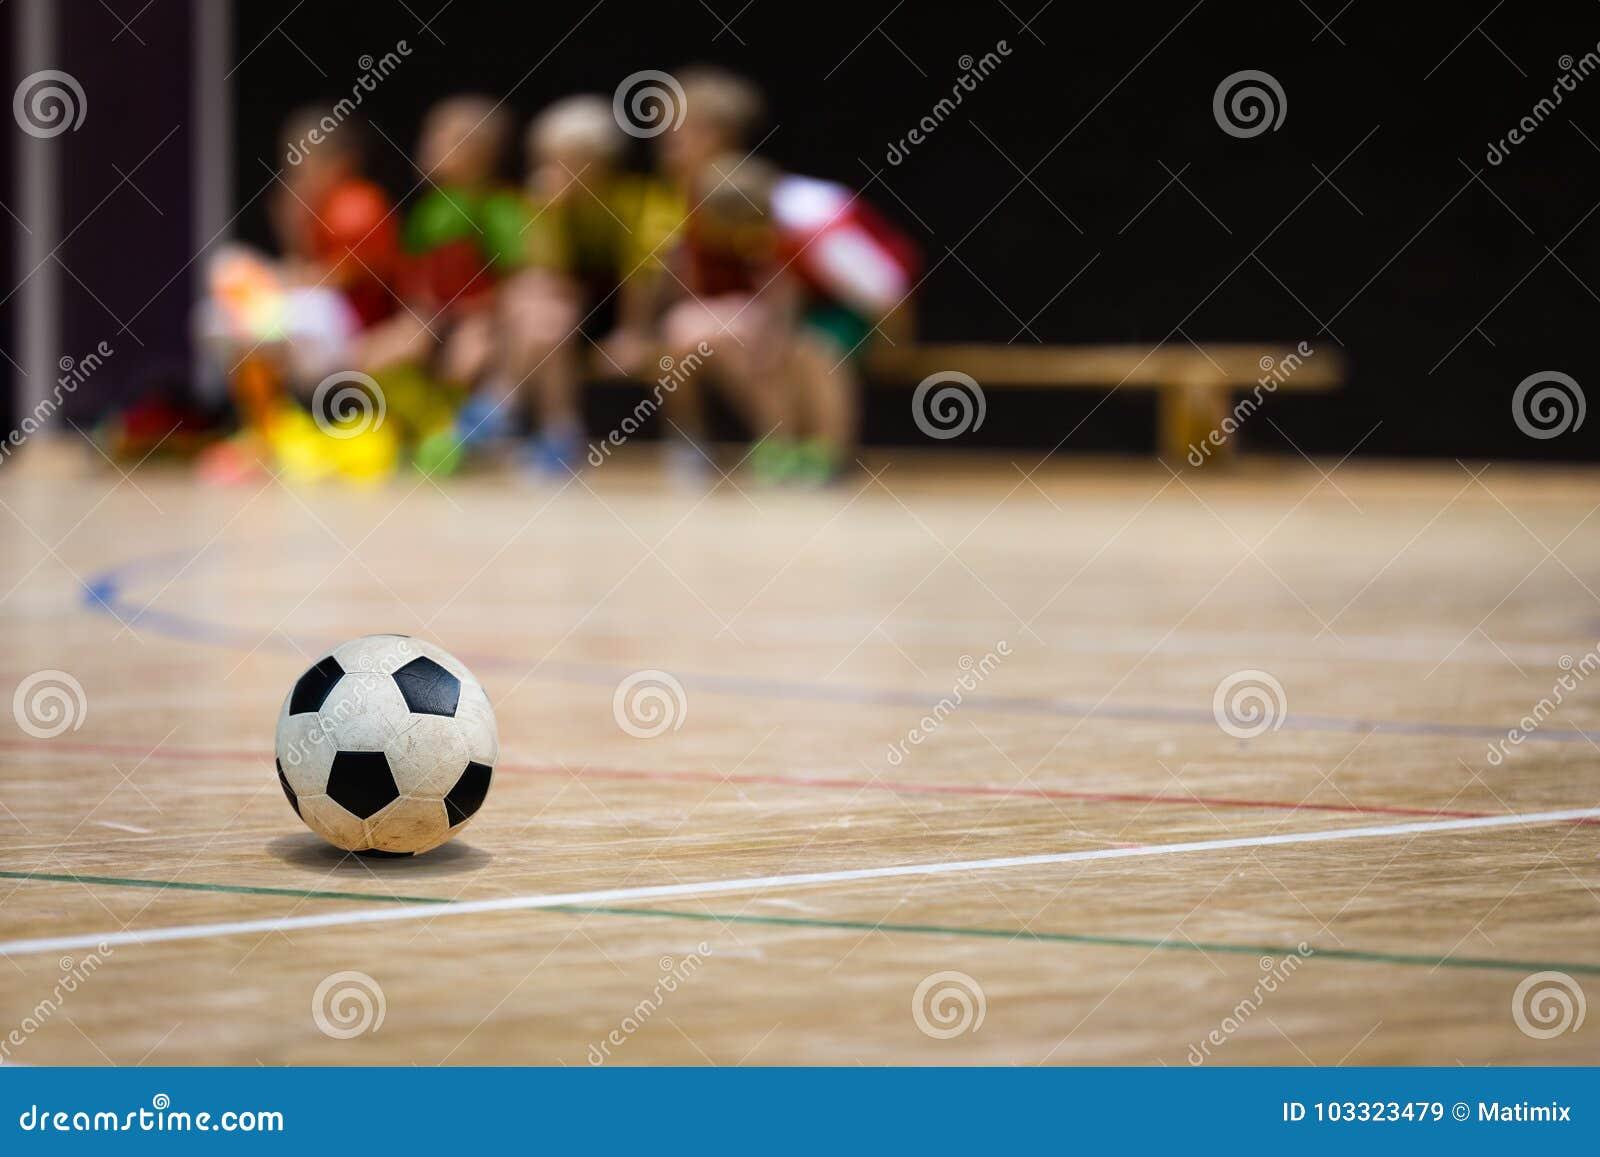 Boule de Futsal du football et équipe de la jeunesse Salle de gymnastique de football en salle